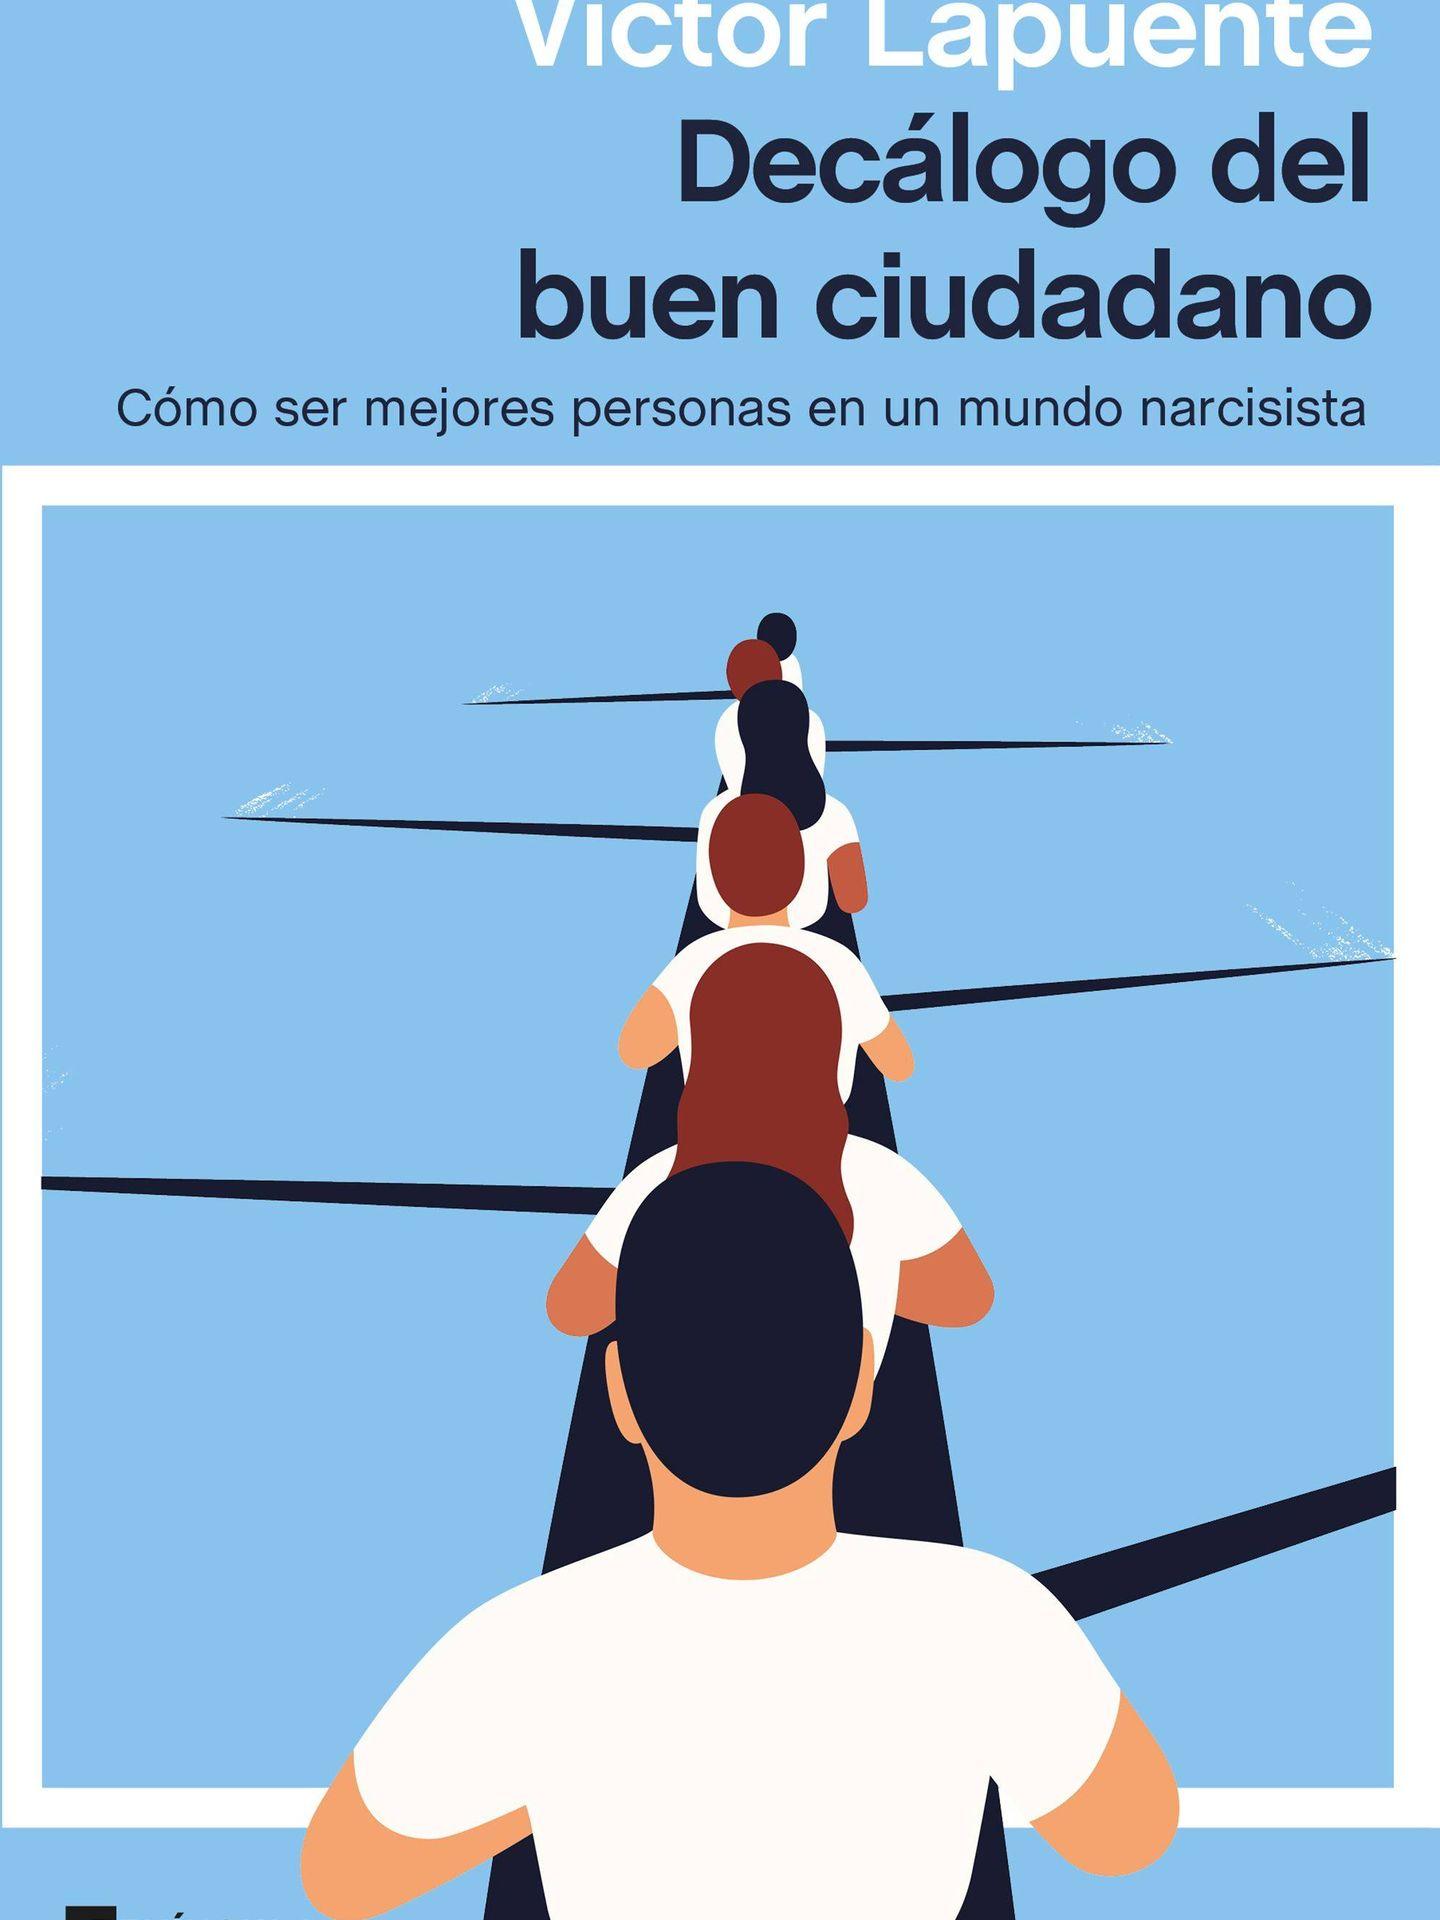 'Decálogo del buen ciudadano', libro de Víctor Lapuente. (Península)